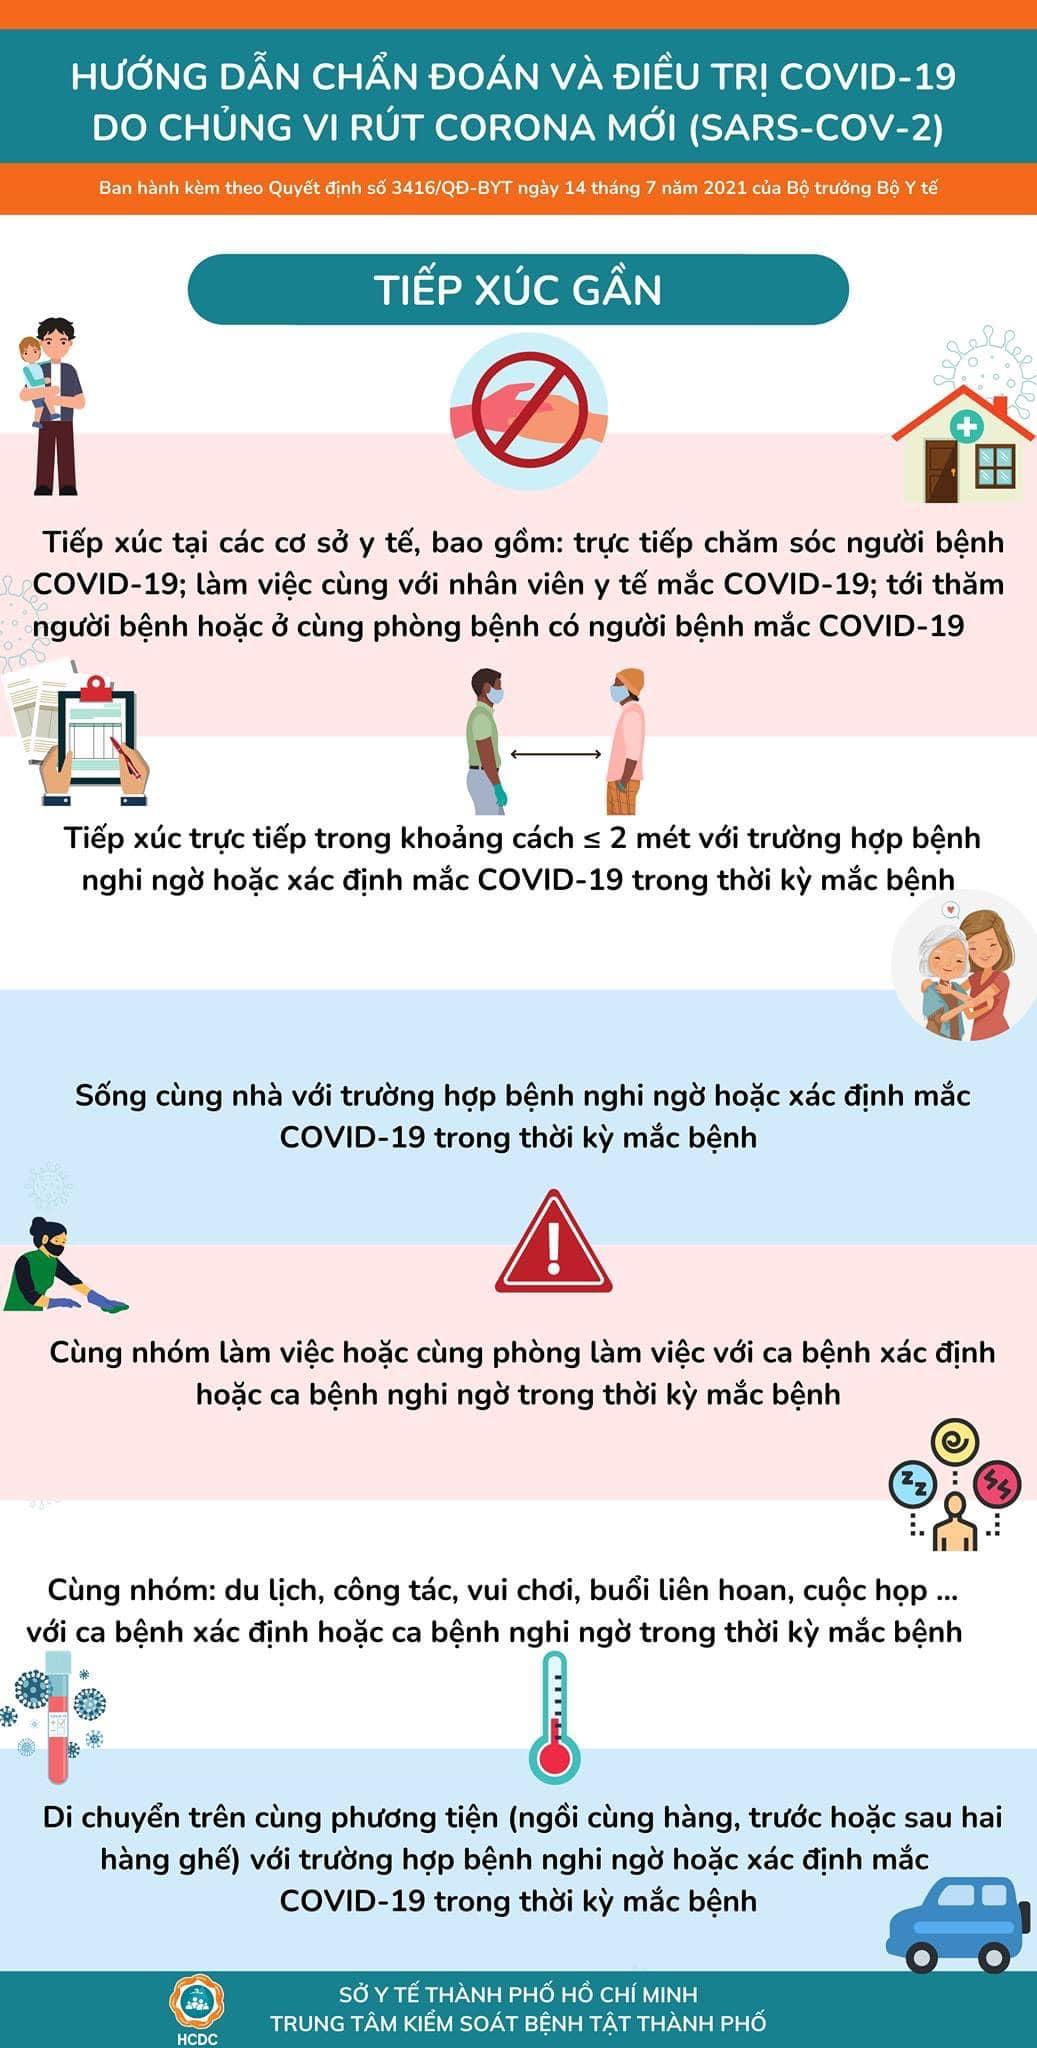 covid-19-nhung-thong-tin-cap-nhat-bang-hinh-anh-1